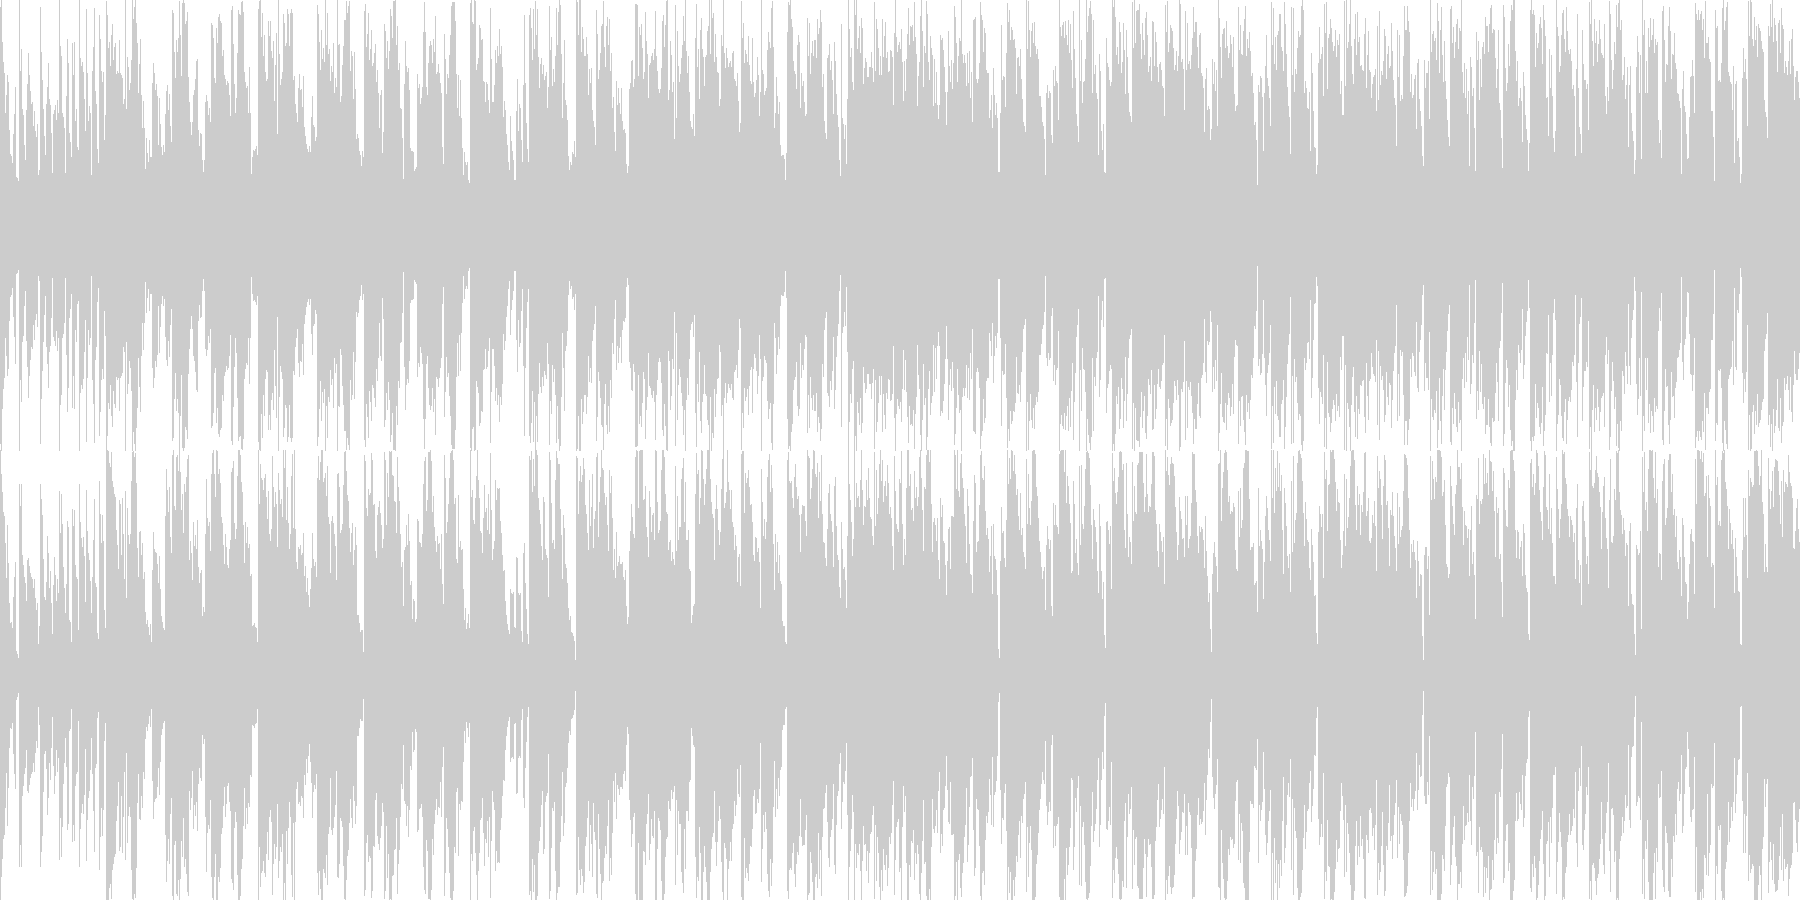 【BPM125】明るい雰囲気のエレクトロの未再生の波形